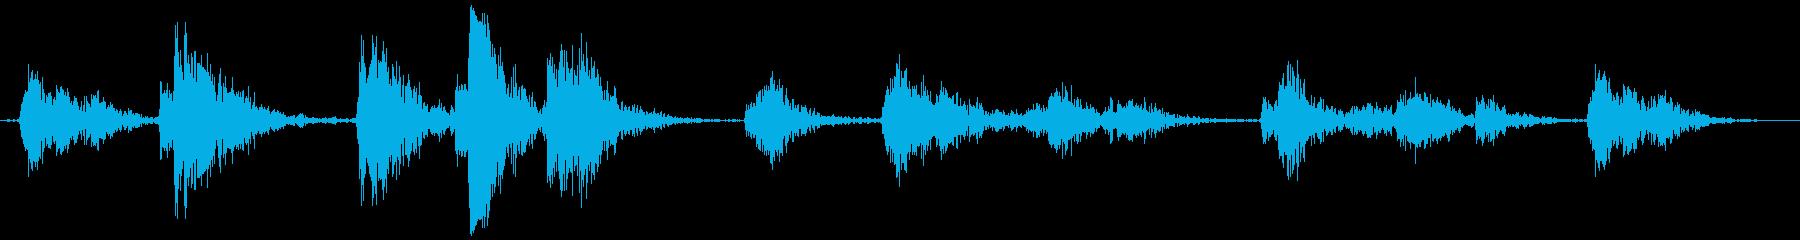 ドッグフォールダウンランドリーシュ...の再生済みの波形